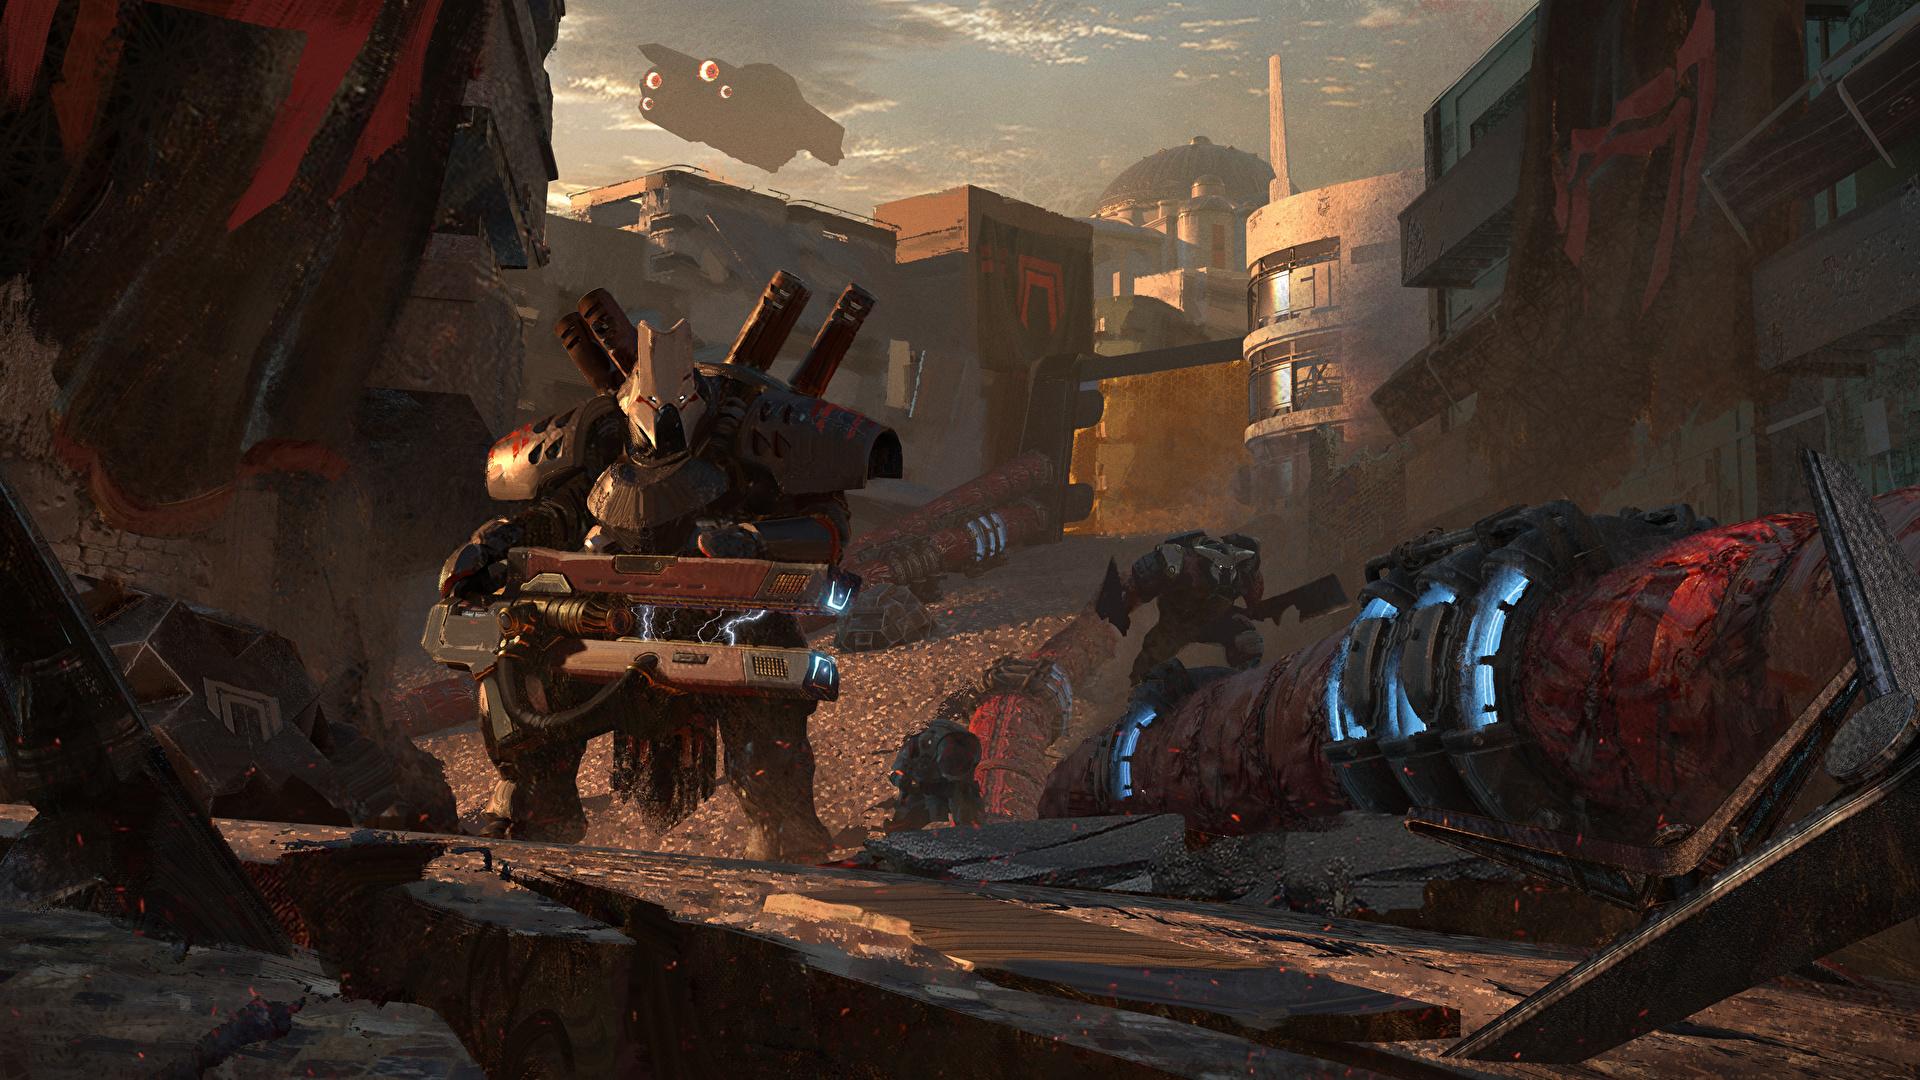 壁紙 19x1080 Destiny 2 ロボット ゲーム ファンタジー ダウンロード 写真